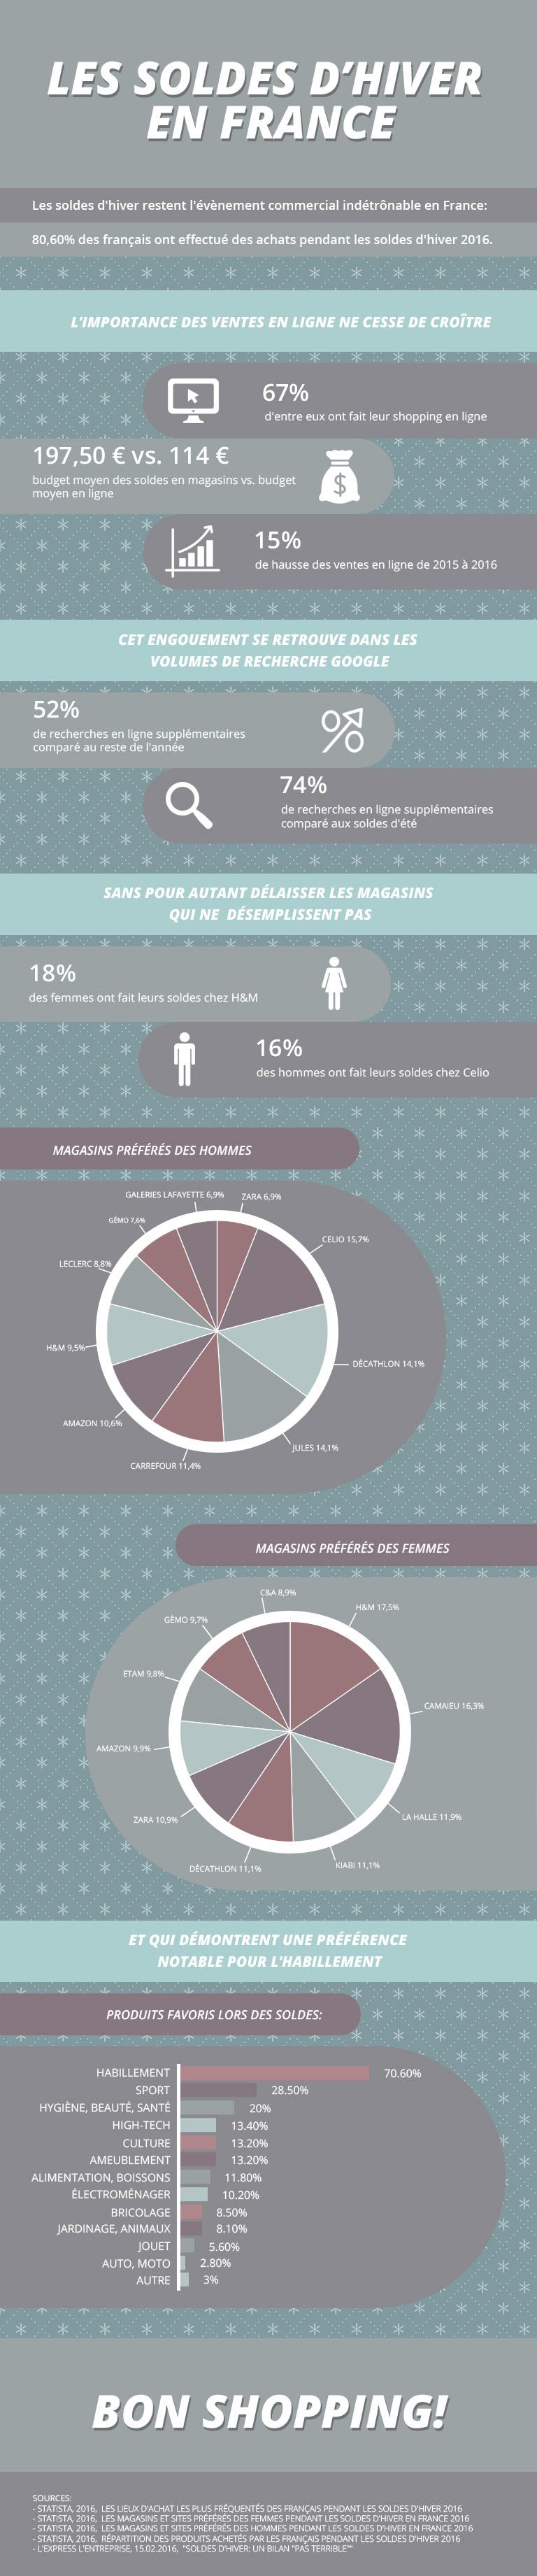 Infographie : les soldes d'hiver 2017 en France par ShopAlike